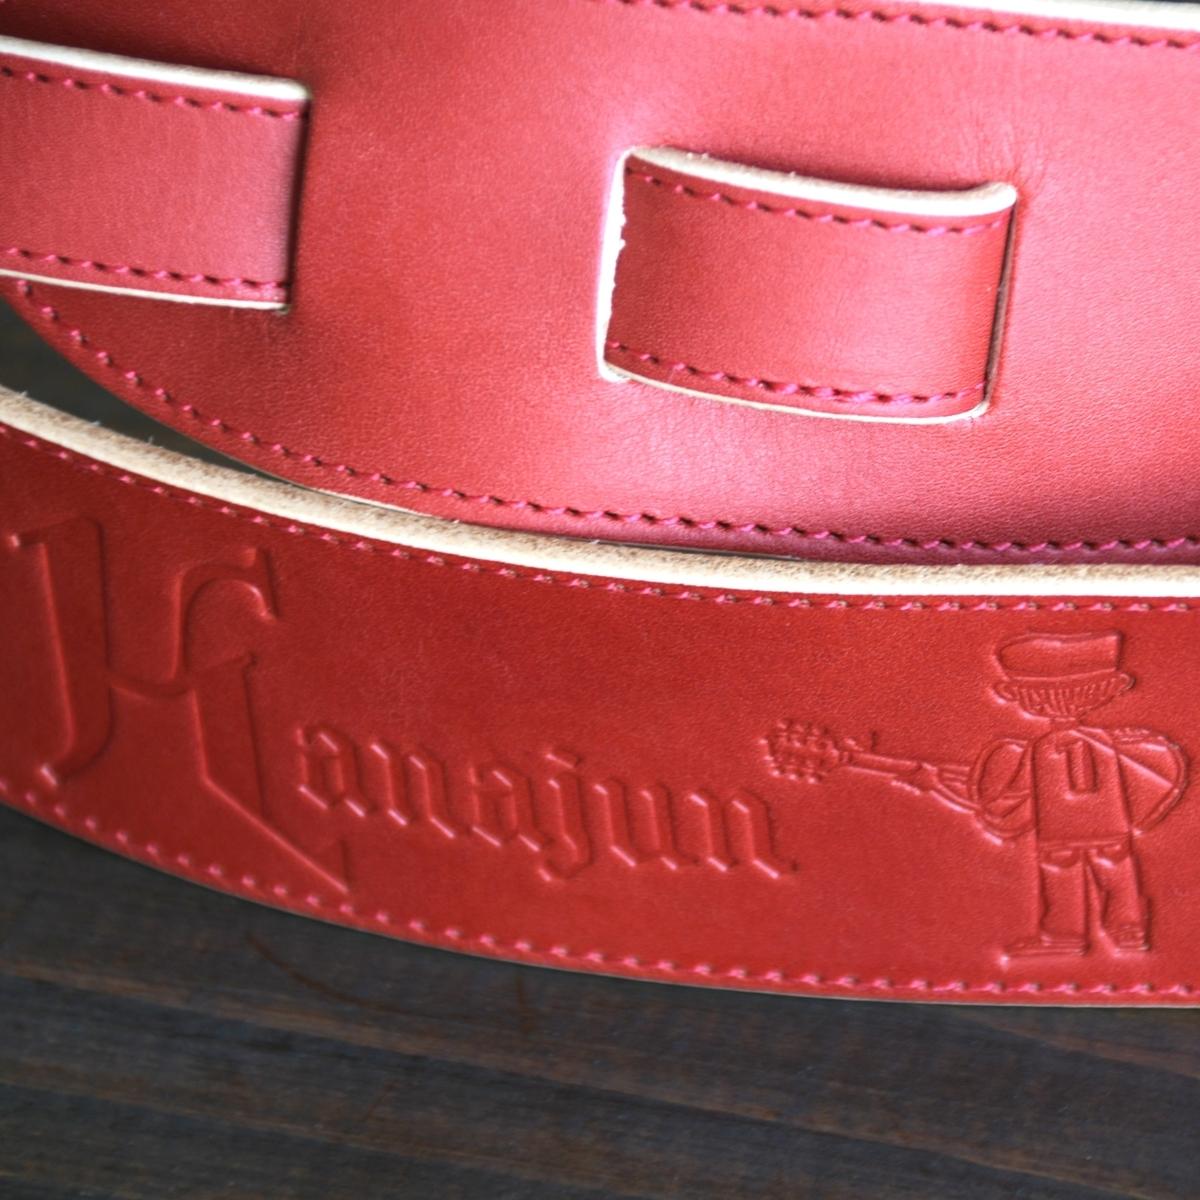 ヌメ革でオリジナル刻印付きのオーダーギターストラップ制作